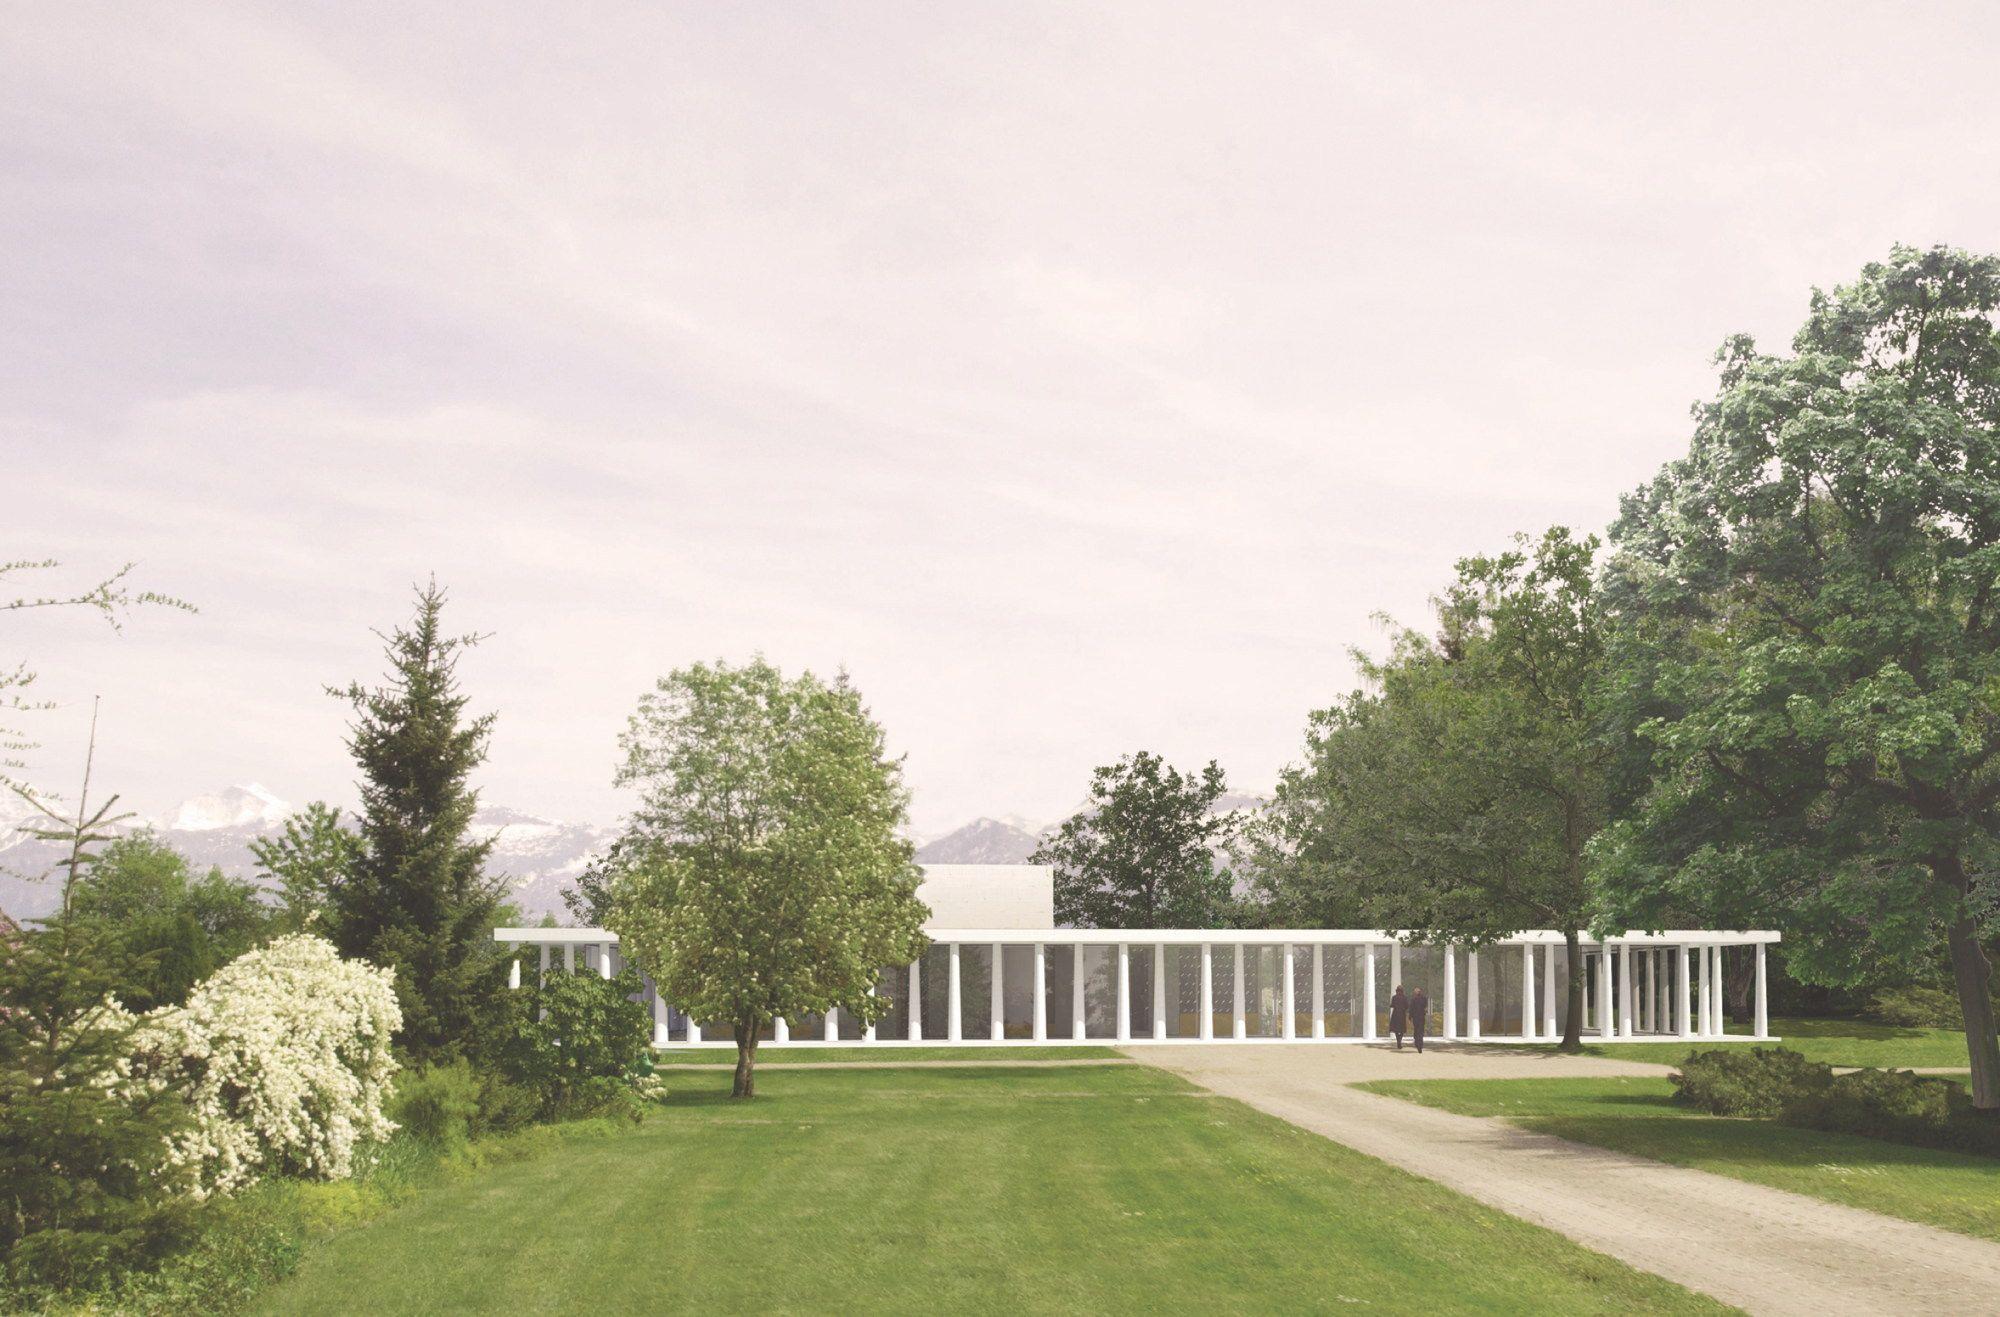 Tempel mit lichten Wandelhallen - Wettbewerb für Krematorium in Thun entschieden